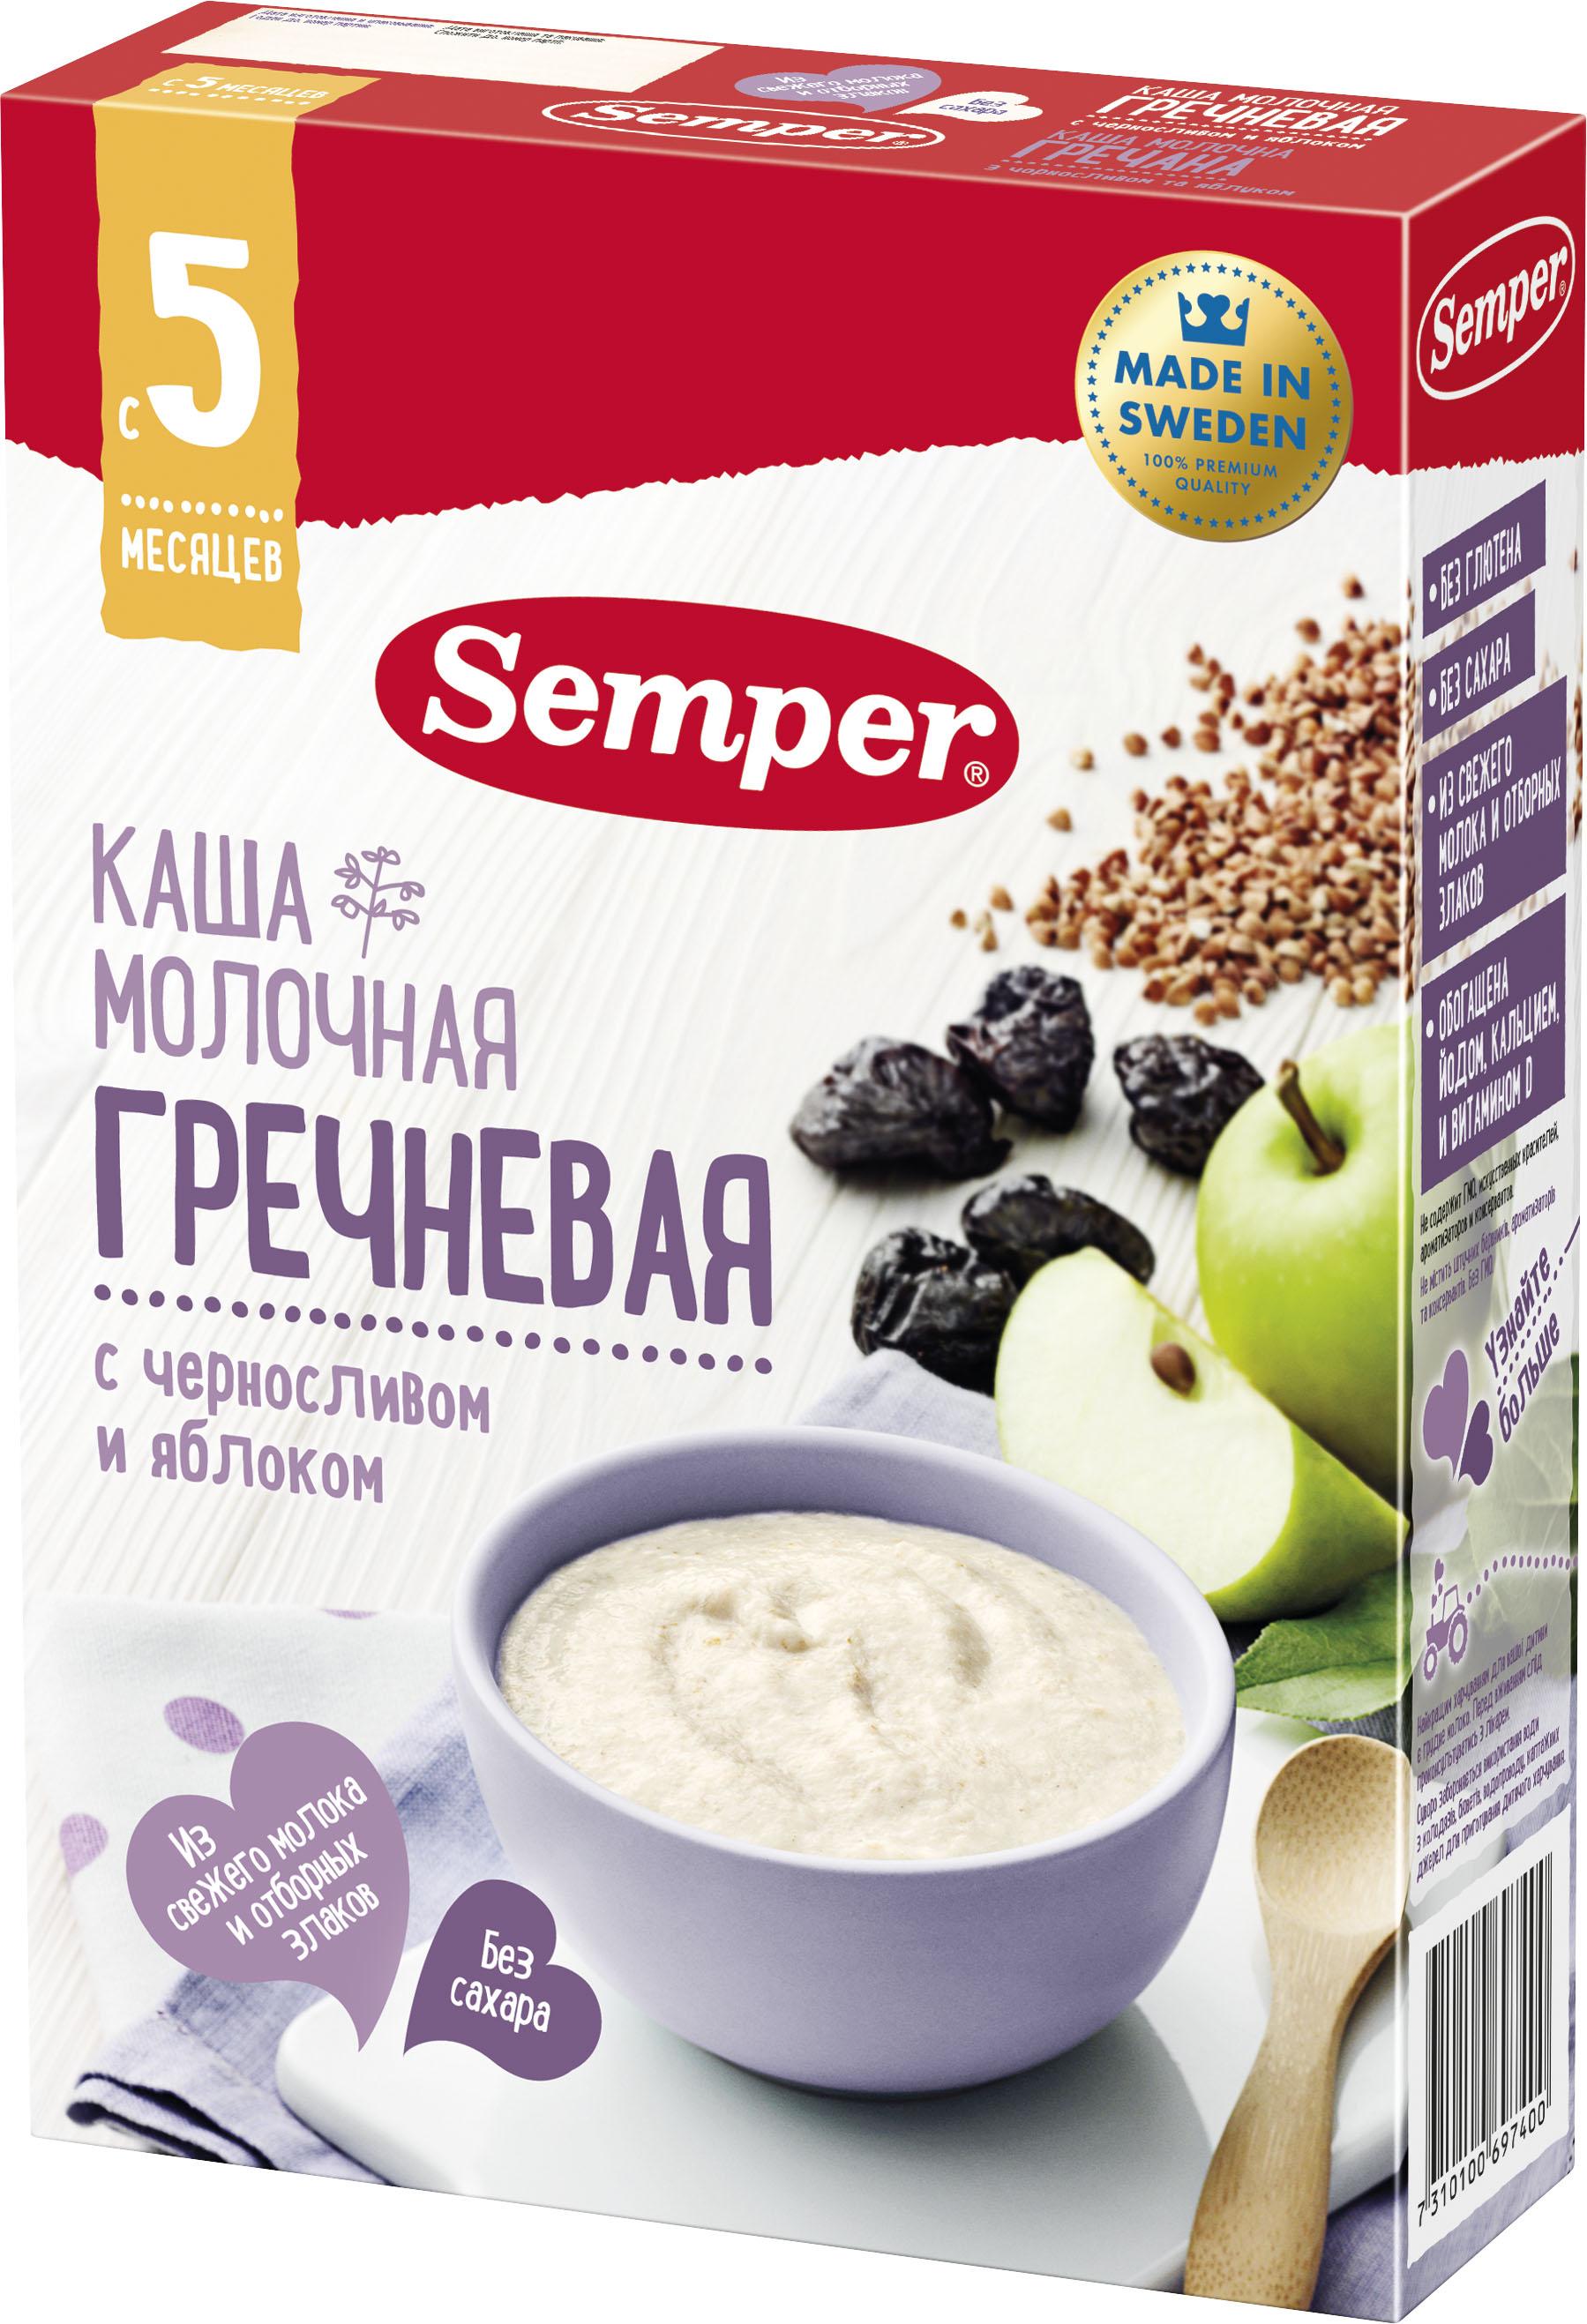 Каша Semper Semper Молочная гречневая с черносливом и яблоком (с 5 месяцев) 200 г беллакт каша молочная гречневая с яблоком 250 г